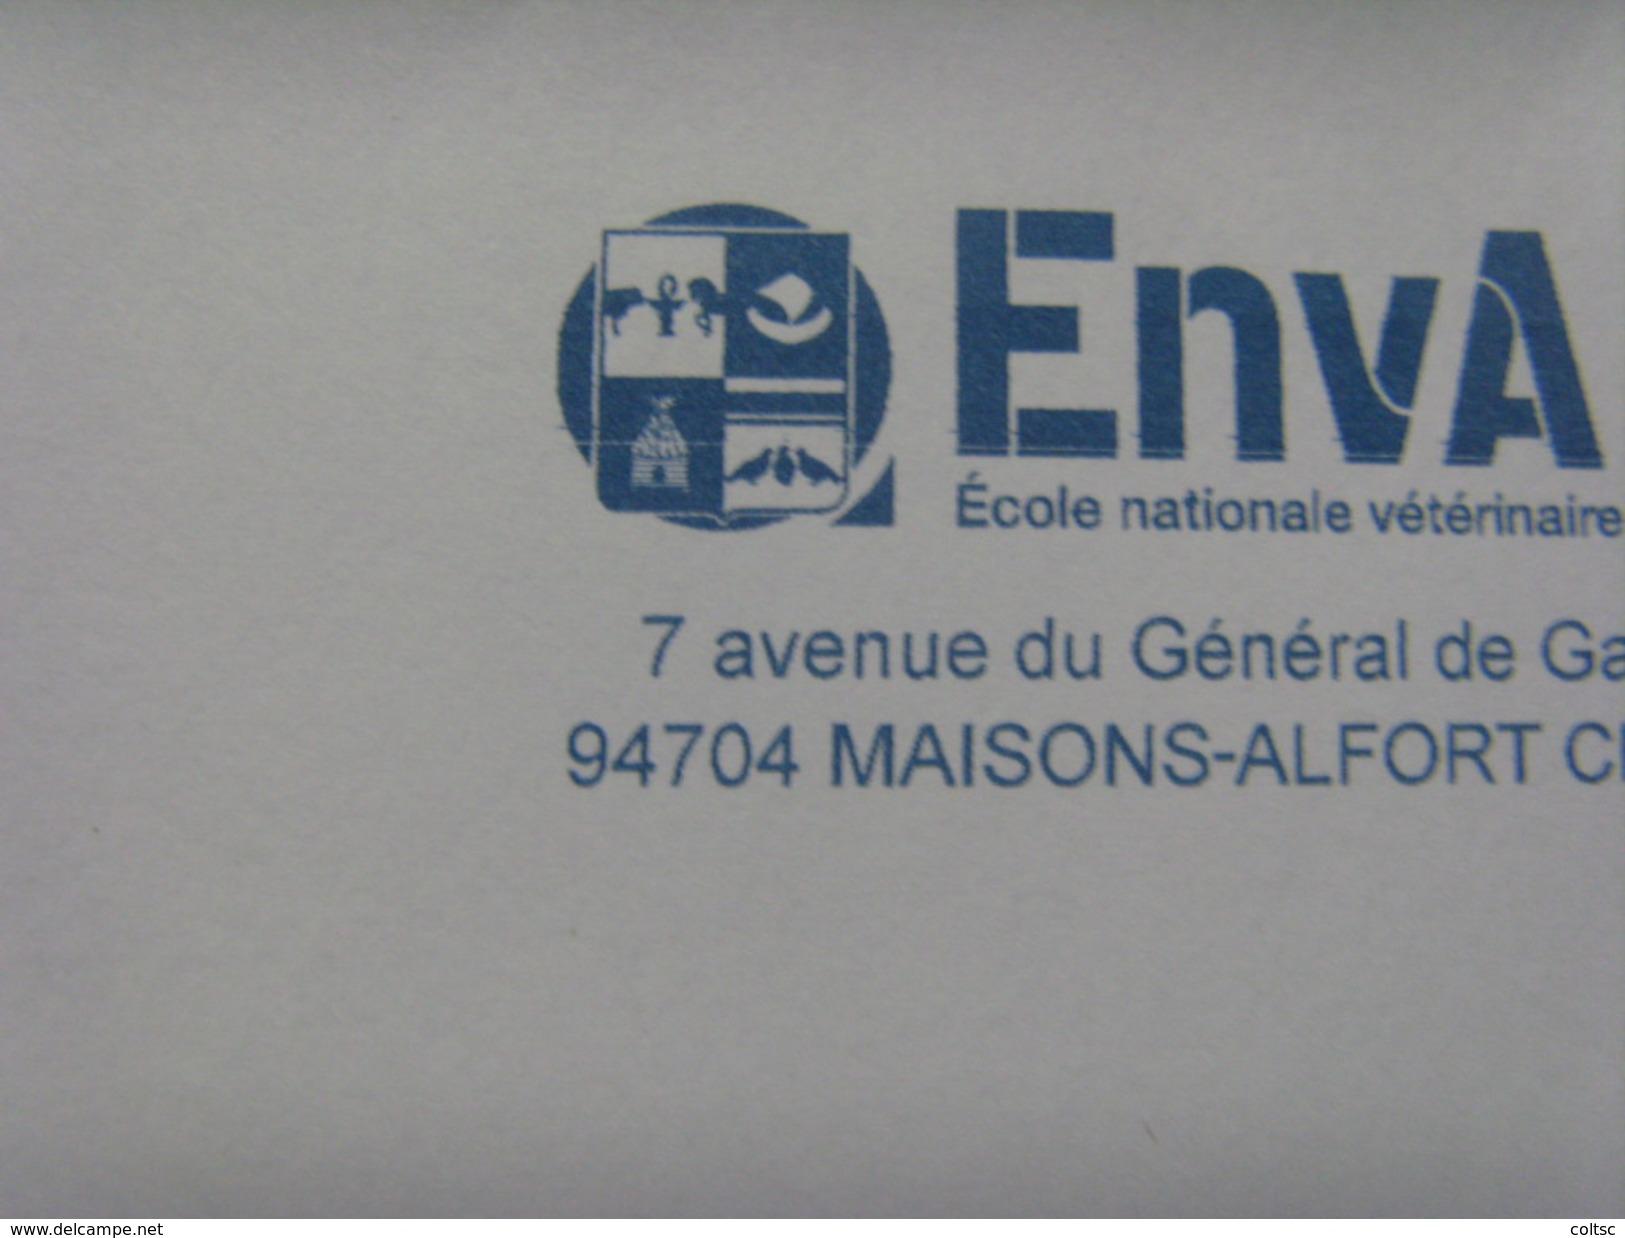 17231- EMA Ecole Nationale Vétérinaire D'Alfort (Val De Marne) Thème Ruche, Cheval, Oiseaux - Honeybees